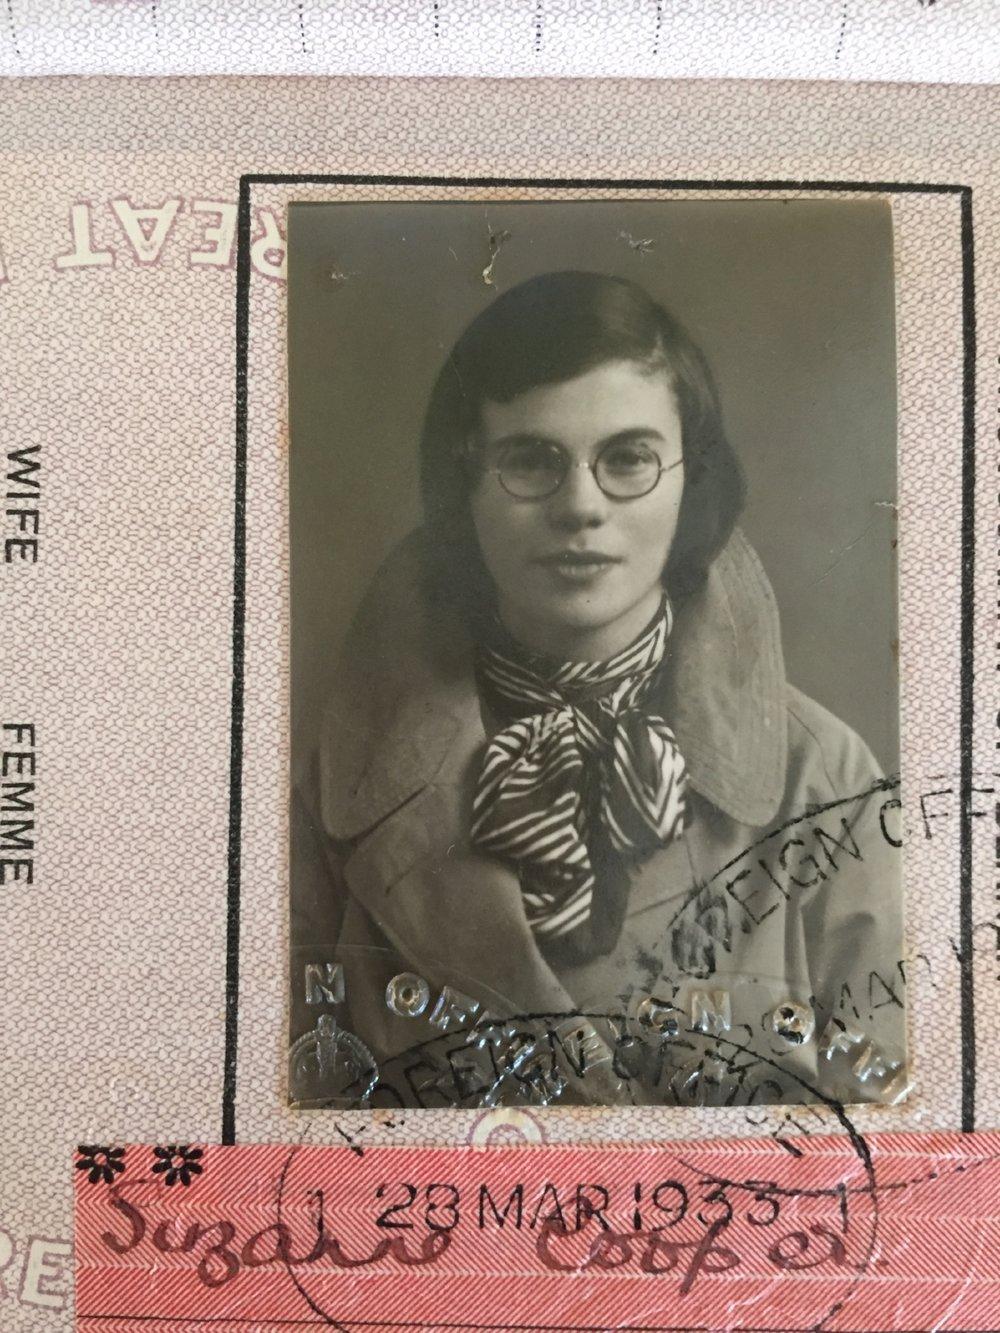 1933 - Her passport photograph, aged seventeen